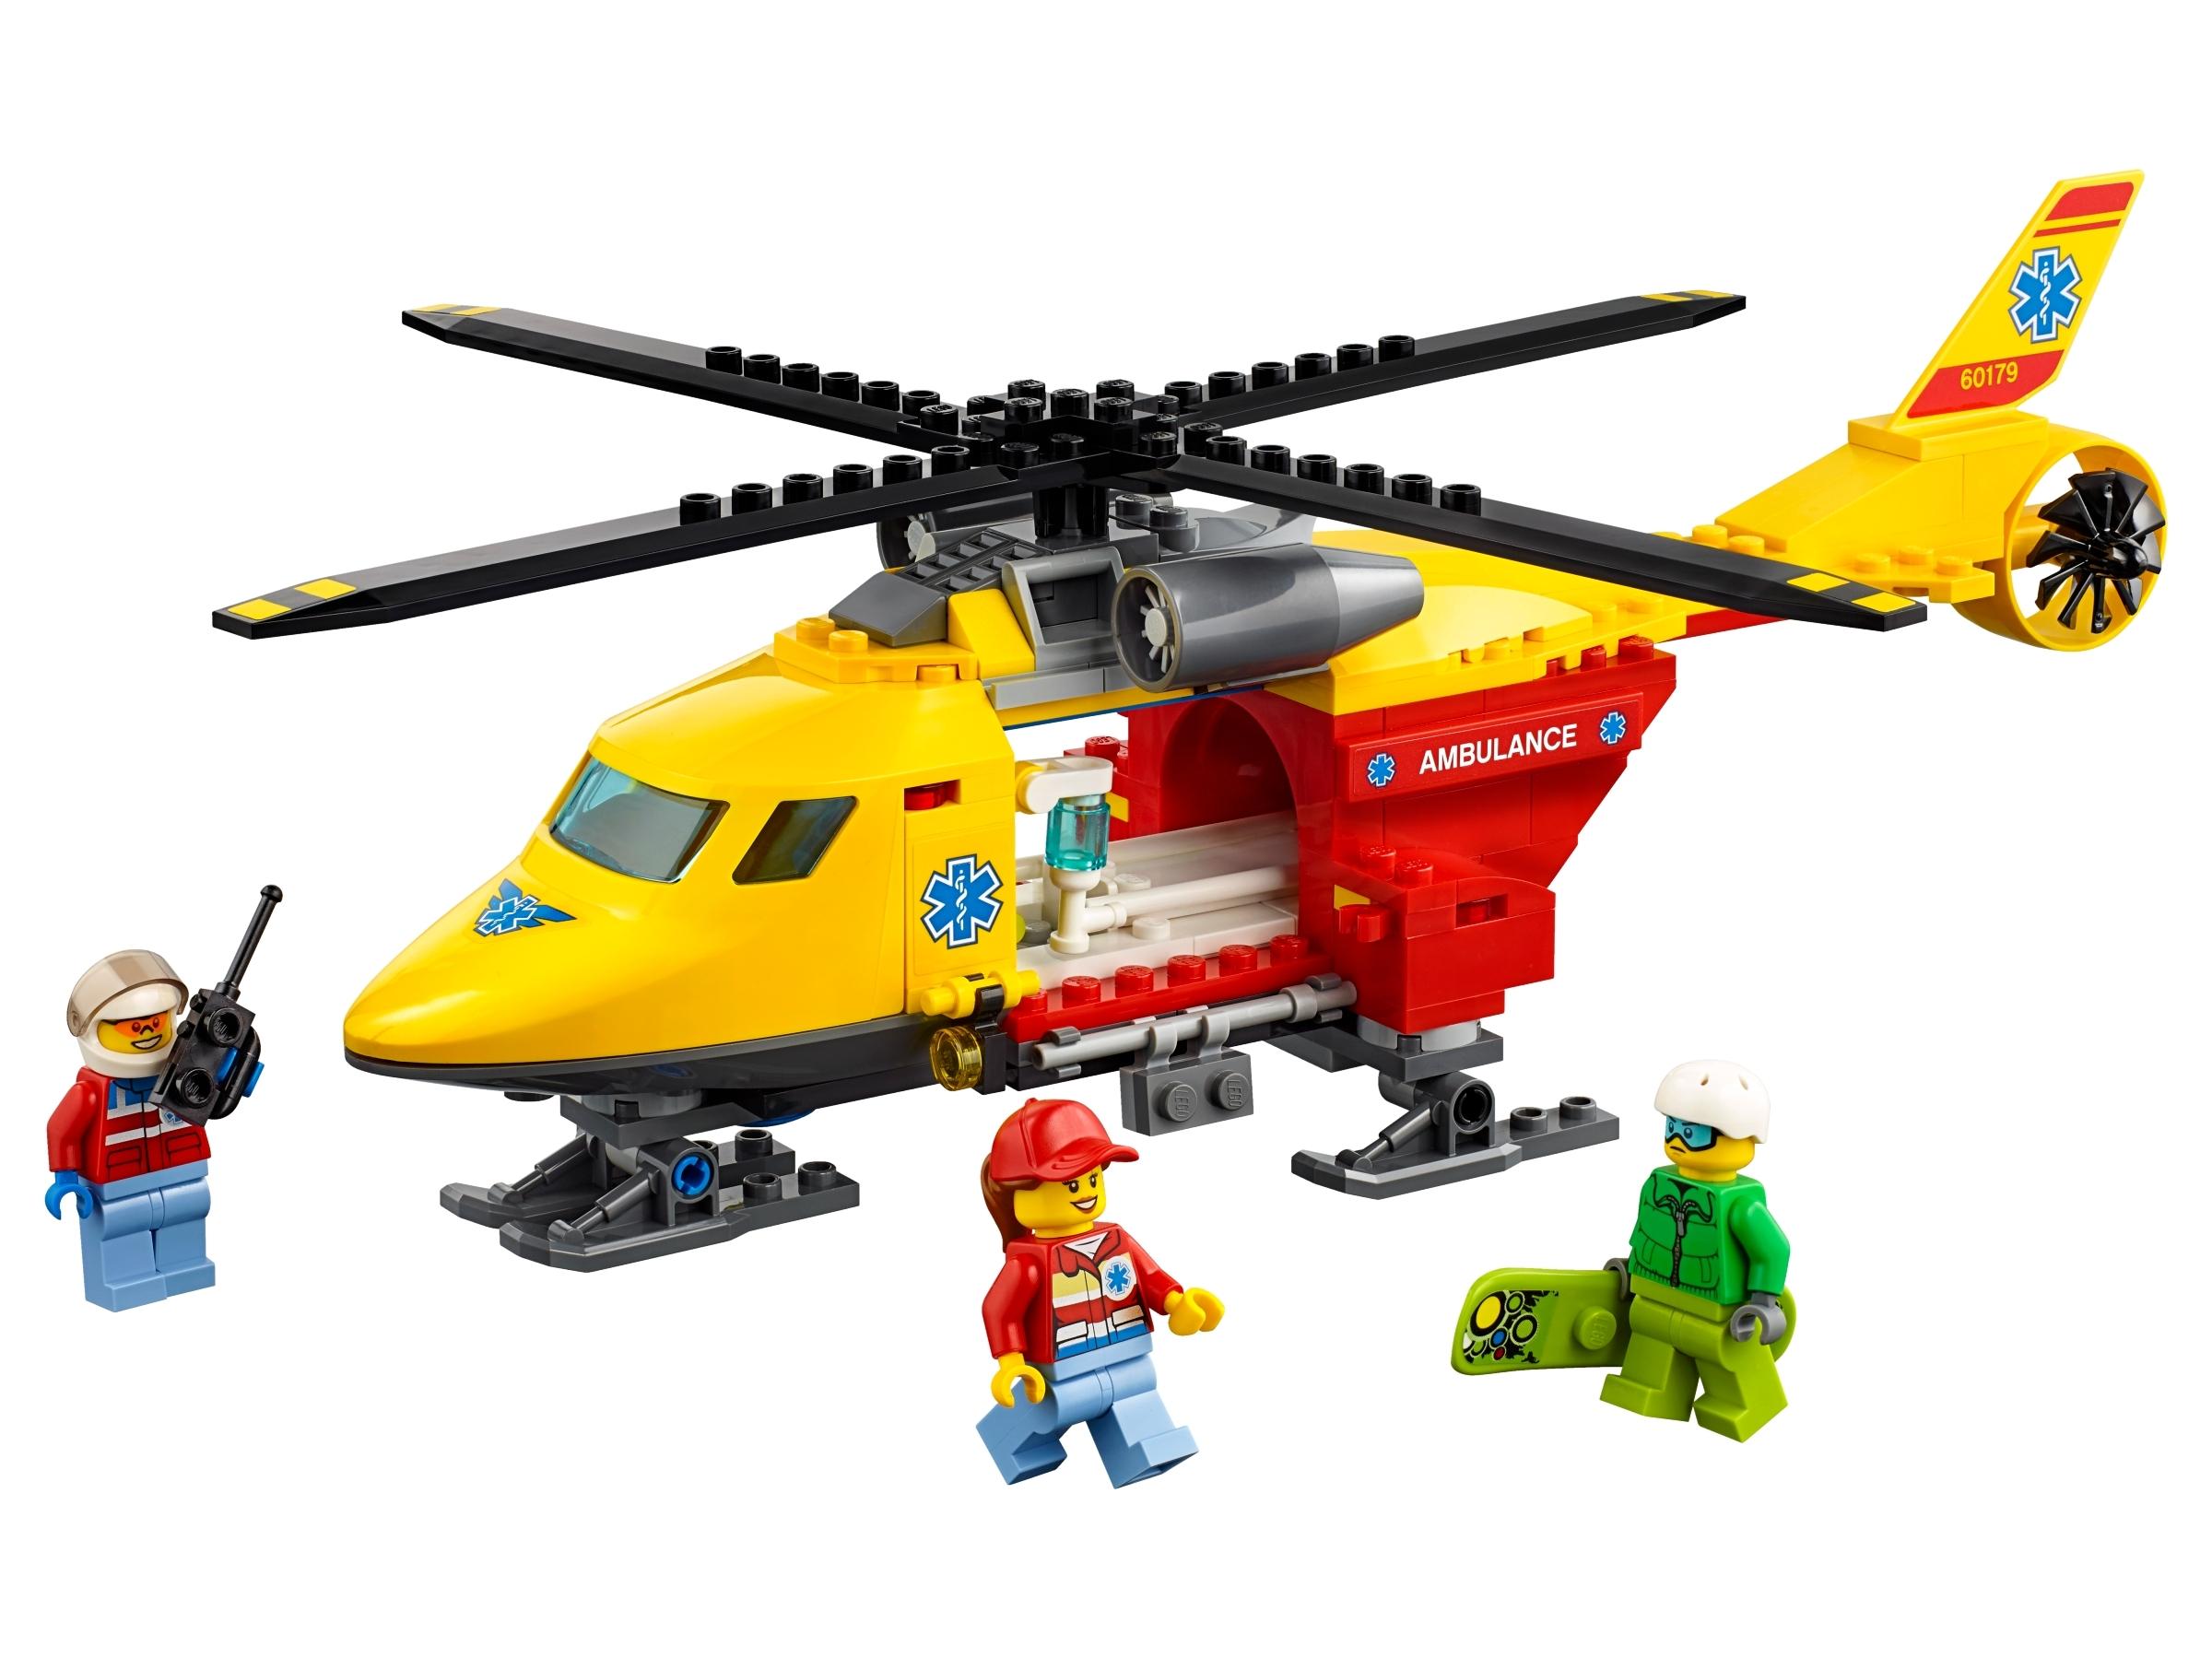 lego ambulancehelikopter 60179